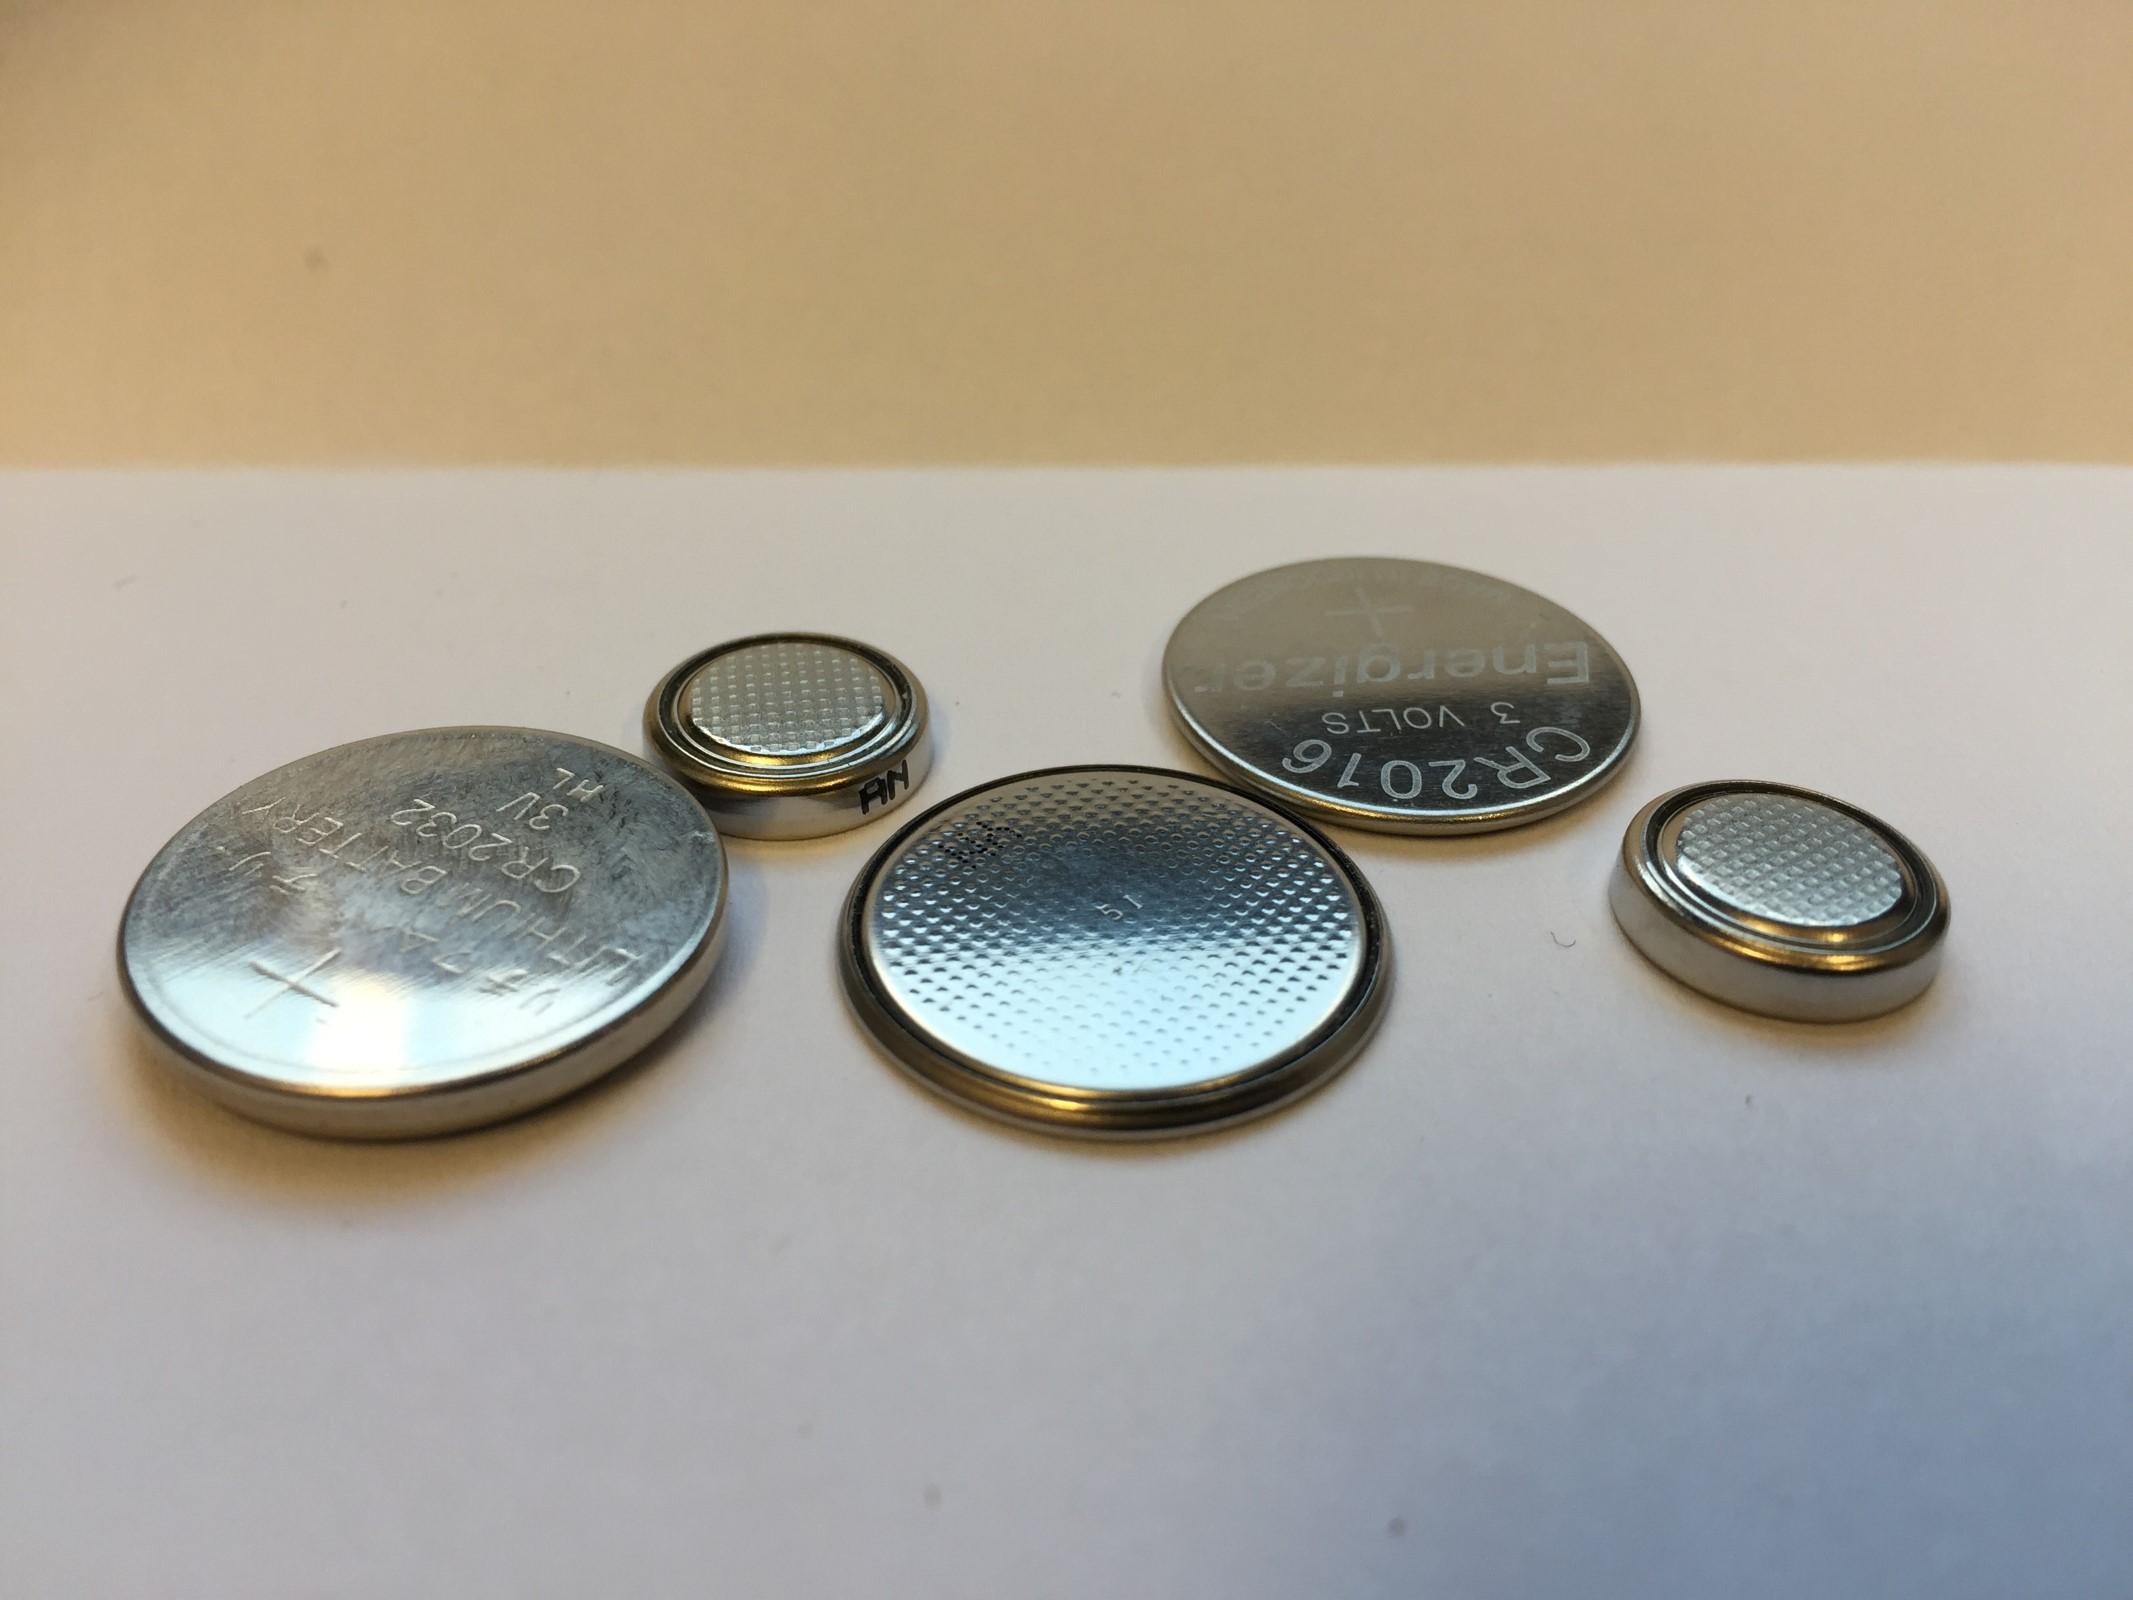 Bilde av knappcellebatterier av ulik størrelse